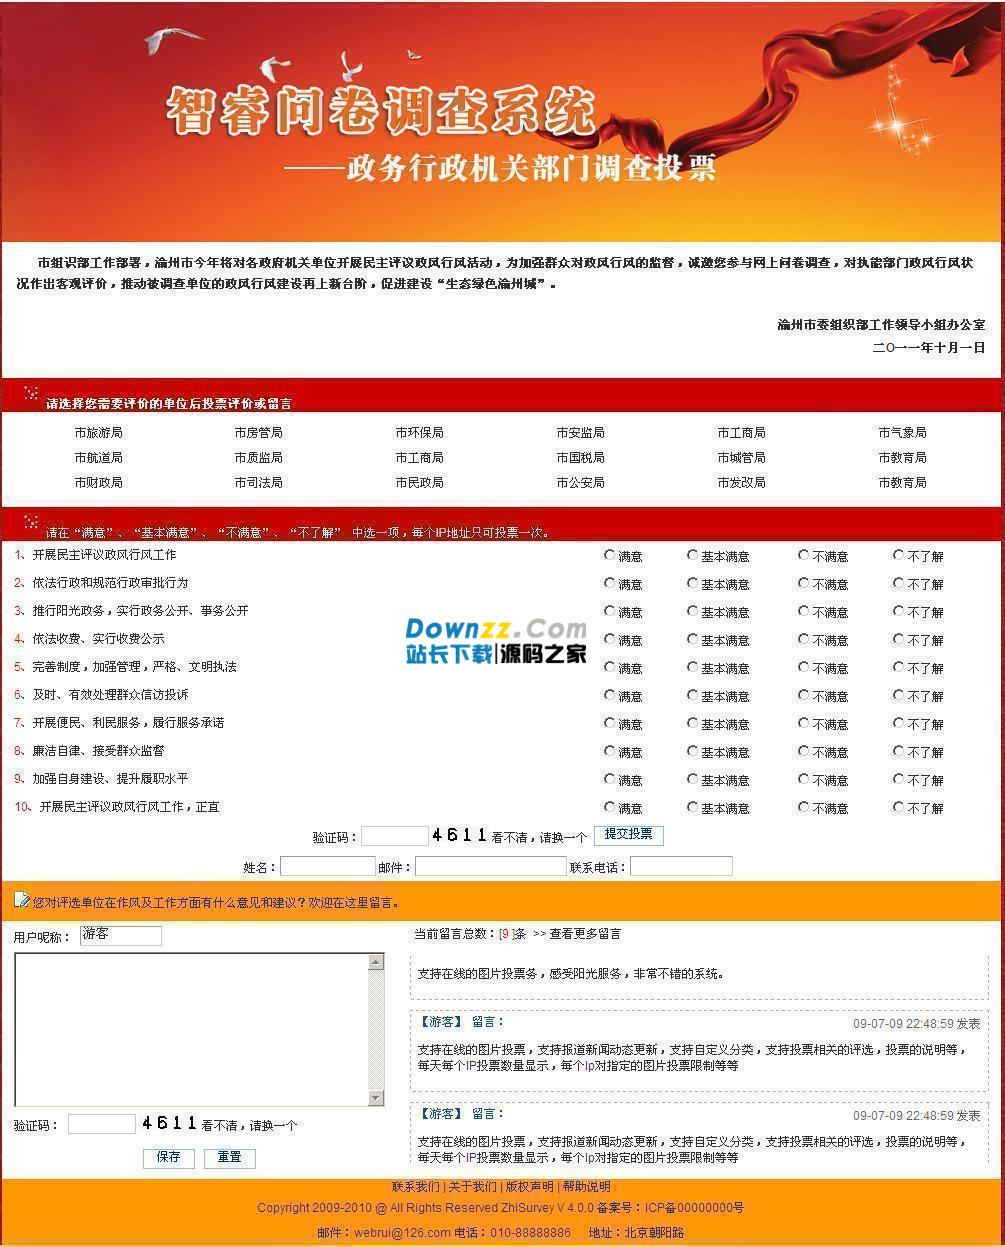 智睿政务问卷调查系统 v10.5.8